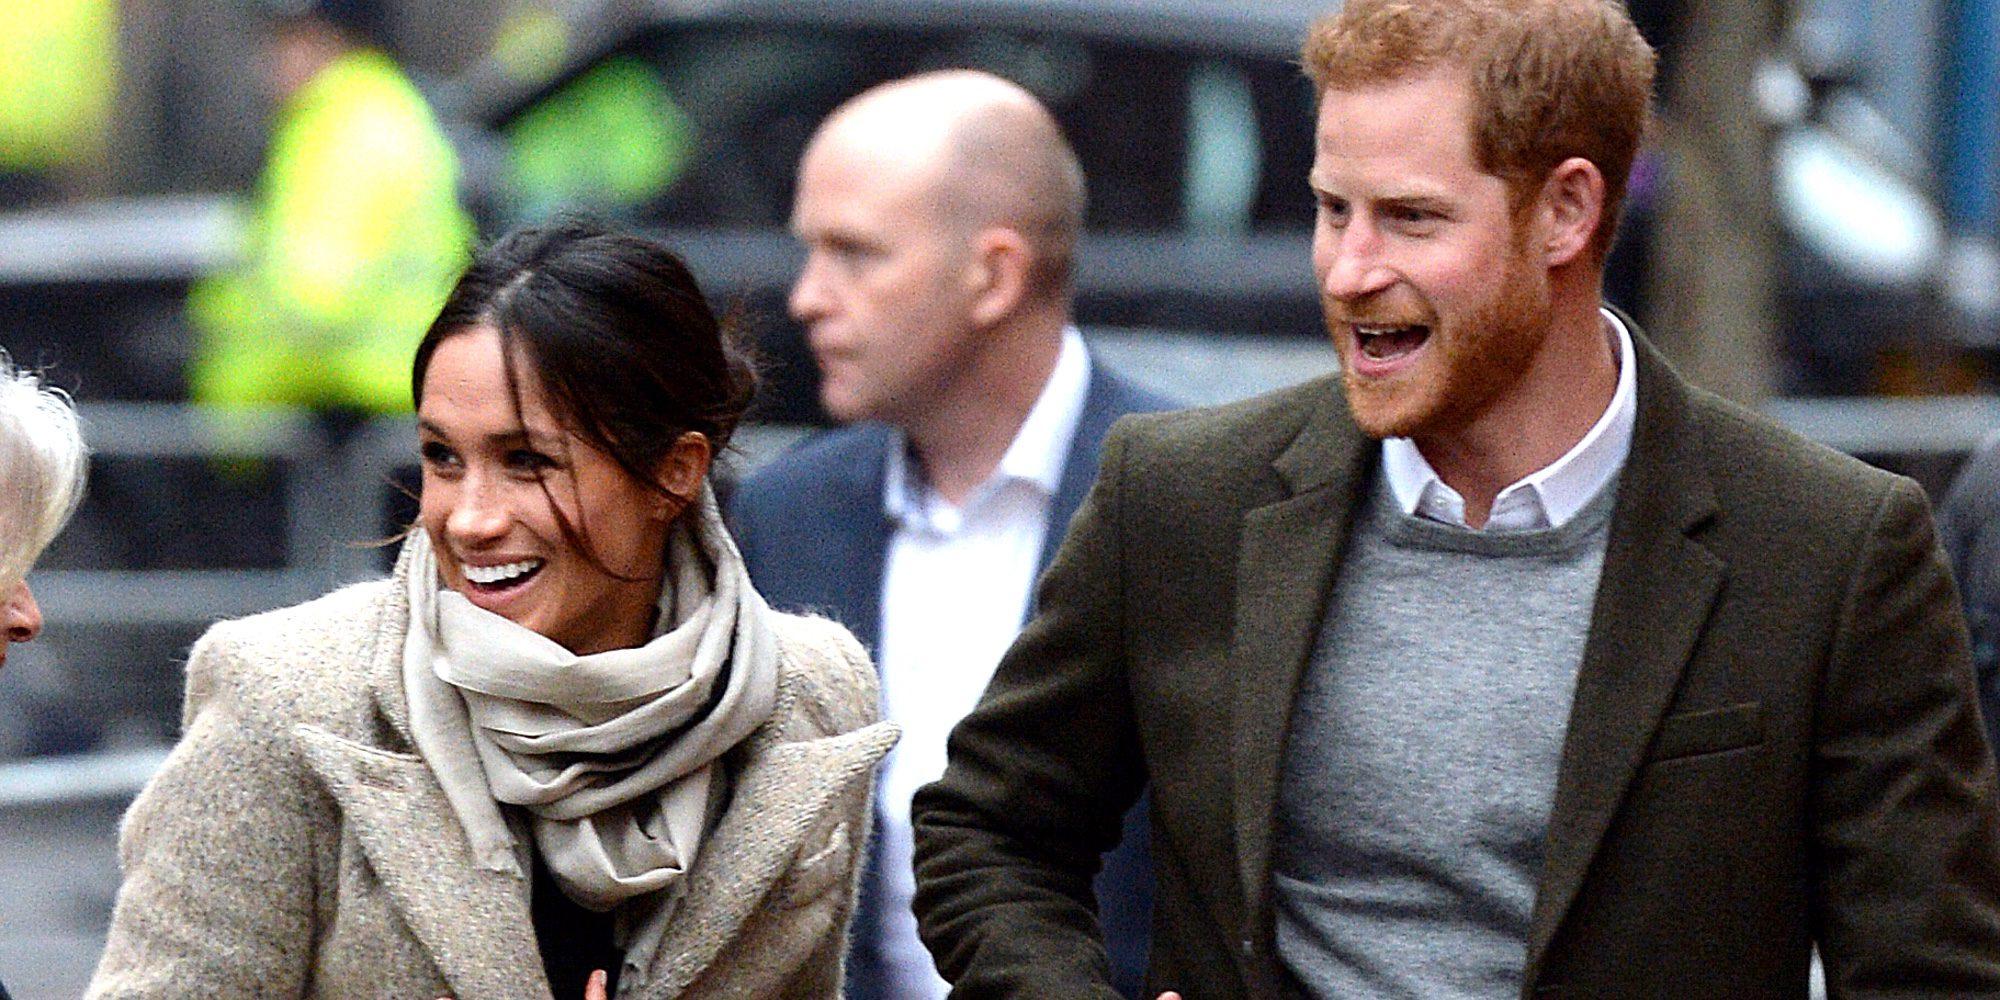 El Príncipe Harry y Meghan Markle, todo sonrisas y felicidad en su primer acto público de 2018